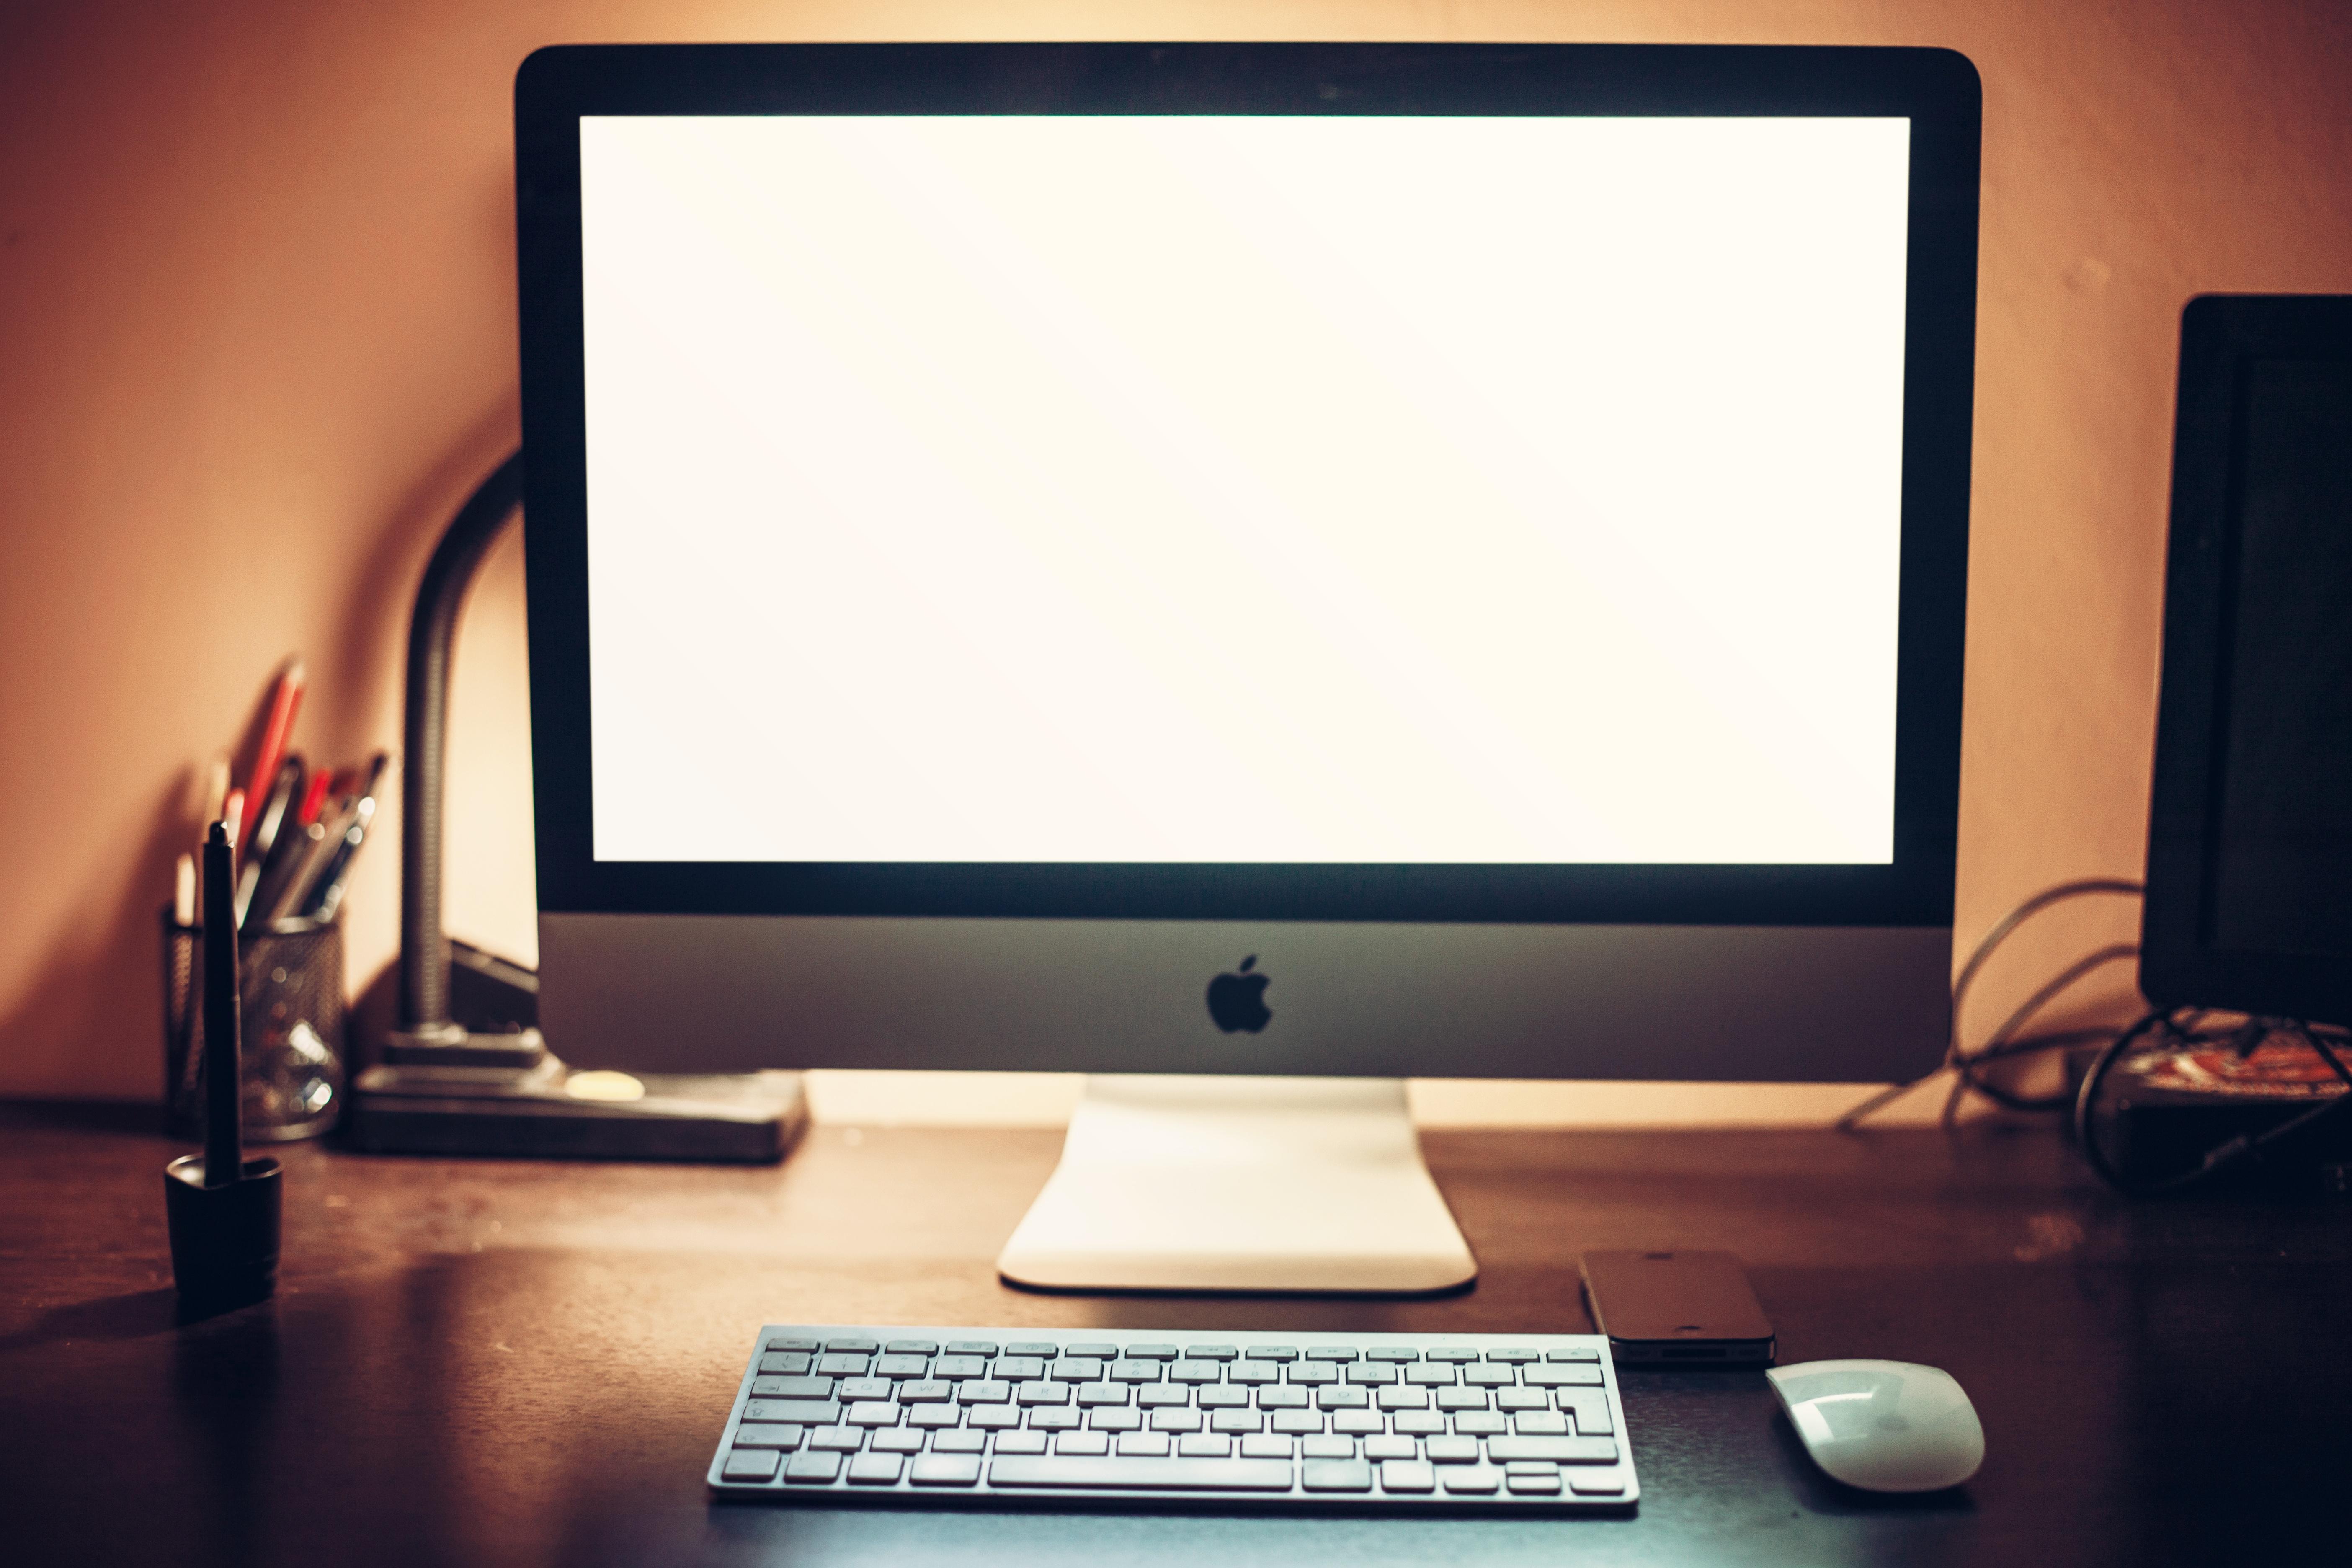 apple-desk-office-technology.jpg